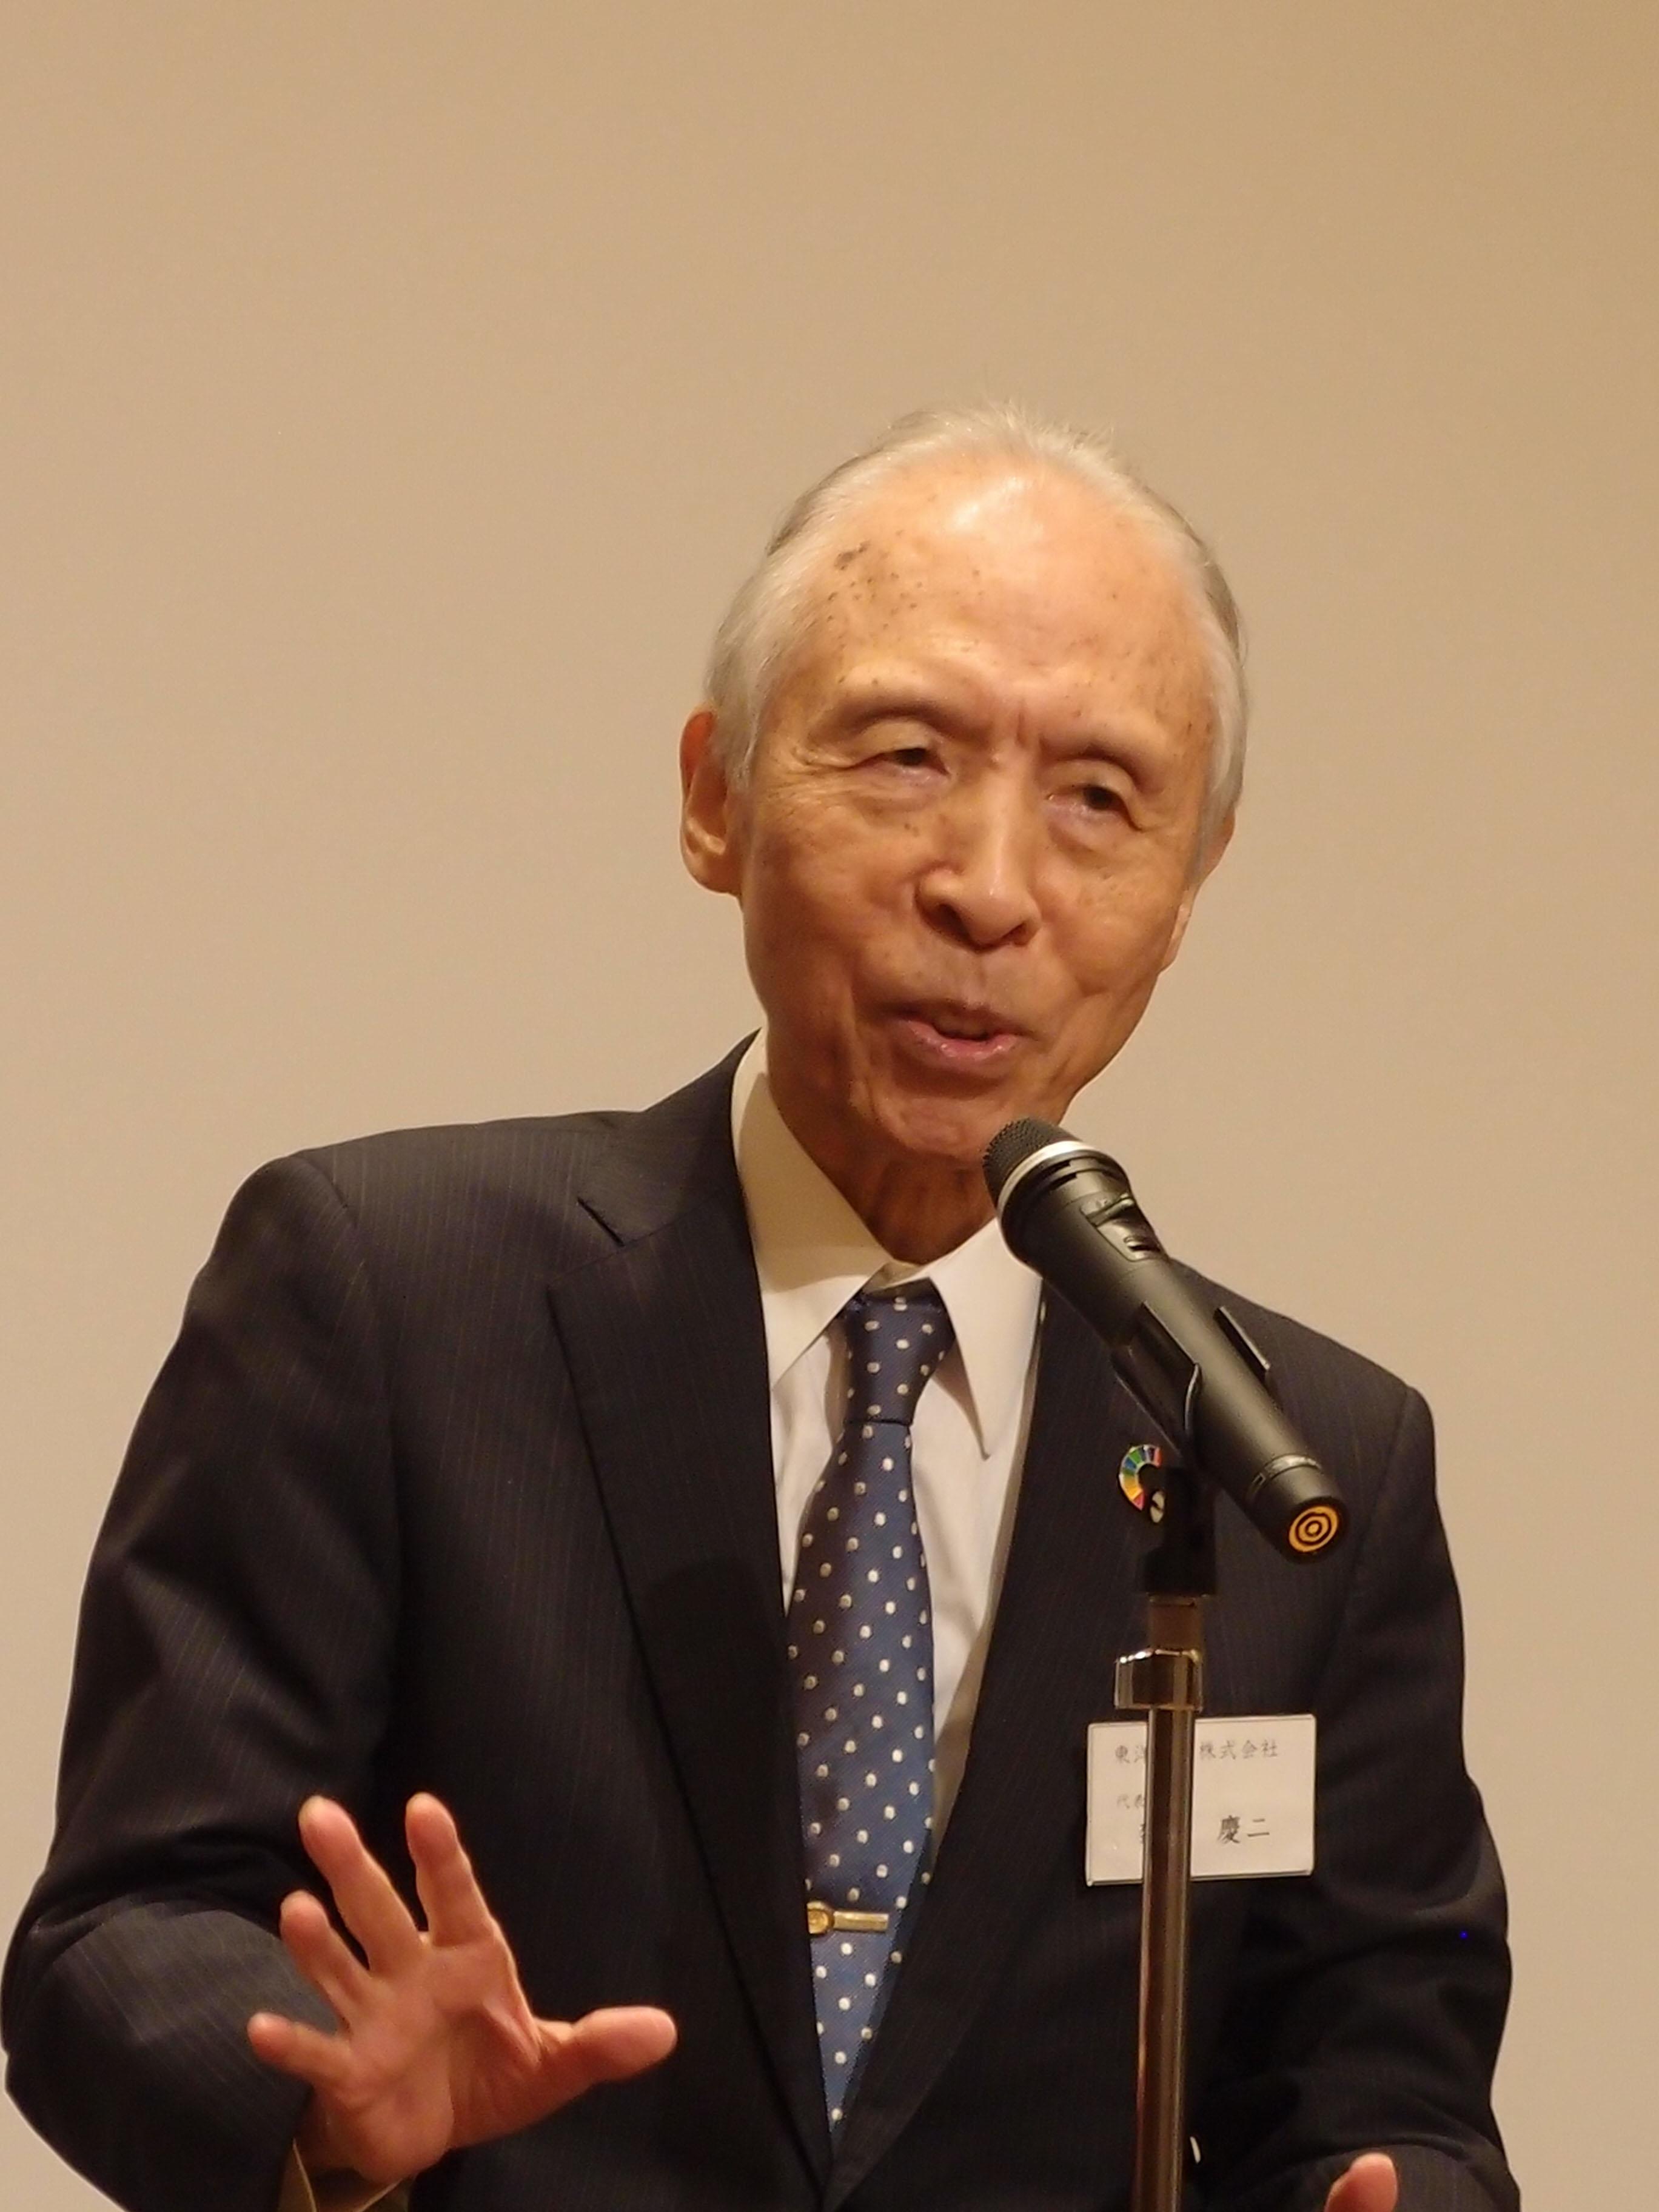 無洗米を広めた東洋ライスが国連で発表 「日本米の持続可能なアプローチ」テーマ…